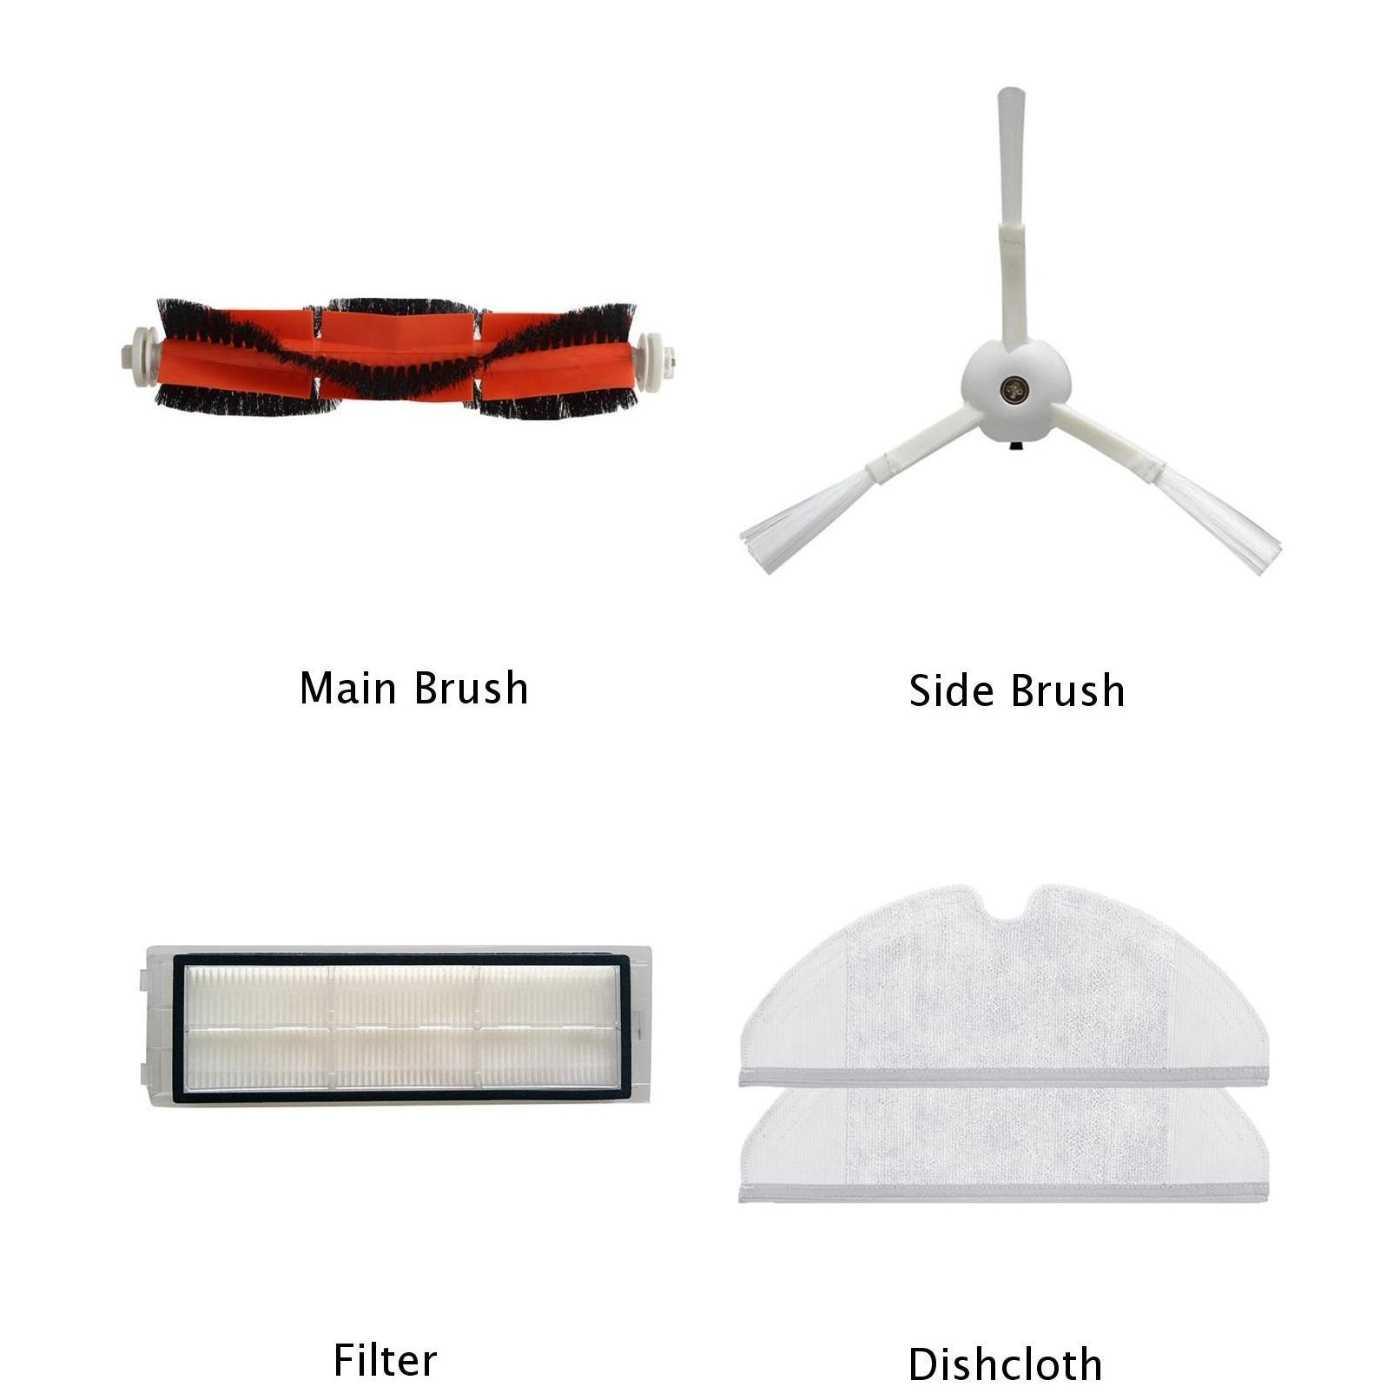 Легкая для удаления и замены боковая щетка для пылесоса для Xiaomi Mi Roborock S50 аксессуар фильтр высокого качества Прочный